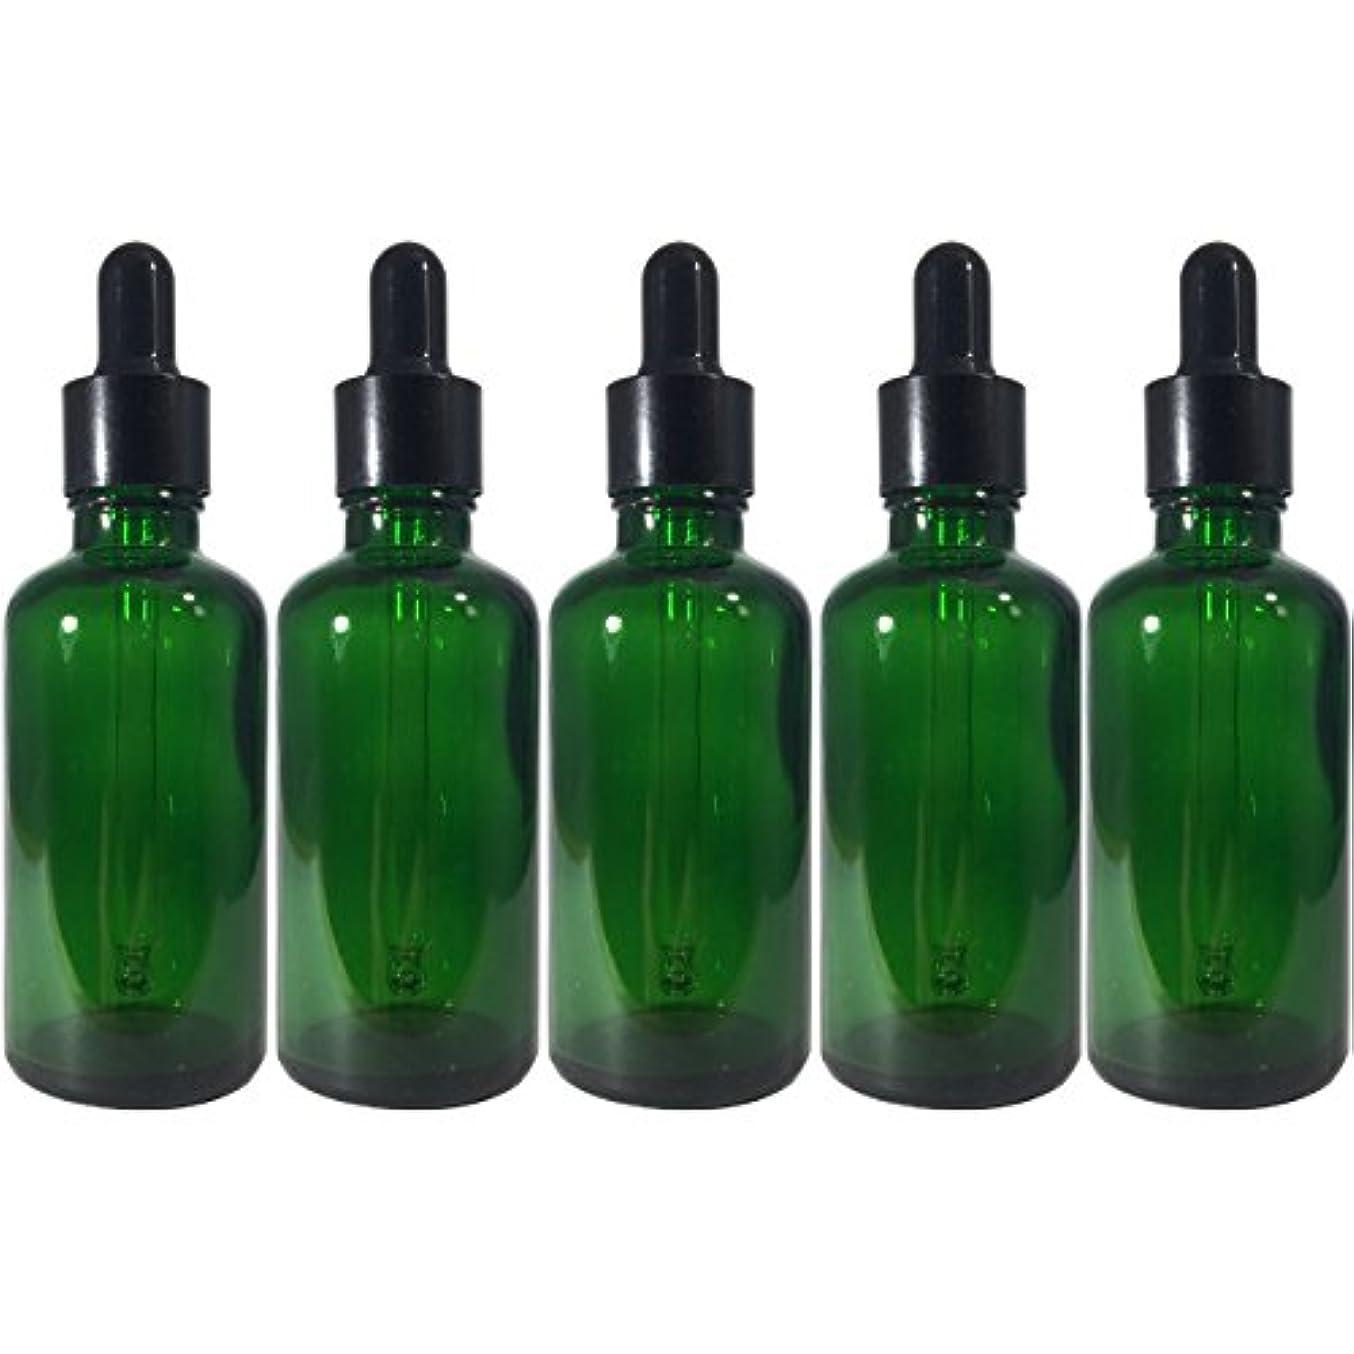 リレー摘むスノーケルスポイト 付き 遮光瓶 5本セット ガラス製 アロマオイル エッセンシャルオイル アロマ 遮光ビン 保存用 精油 ガラスボトル 保存容器詰め替え 緑 グリーン (50ml)